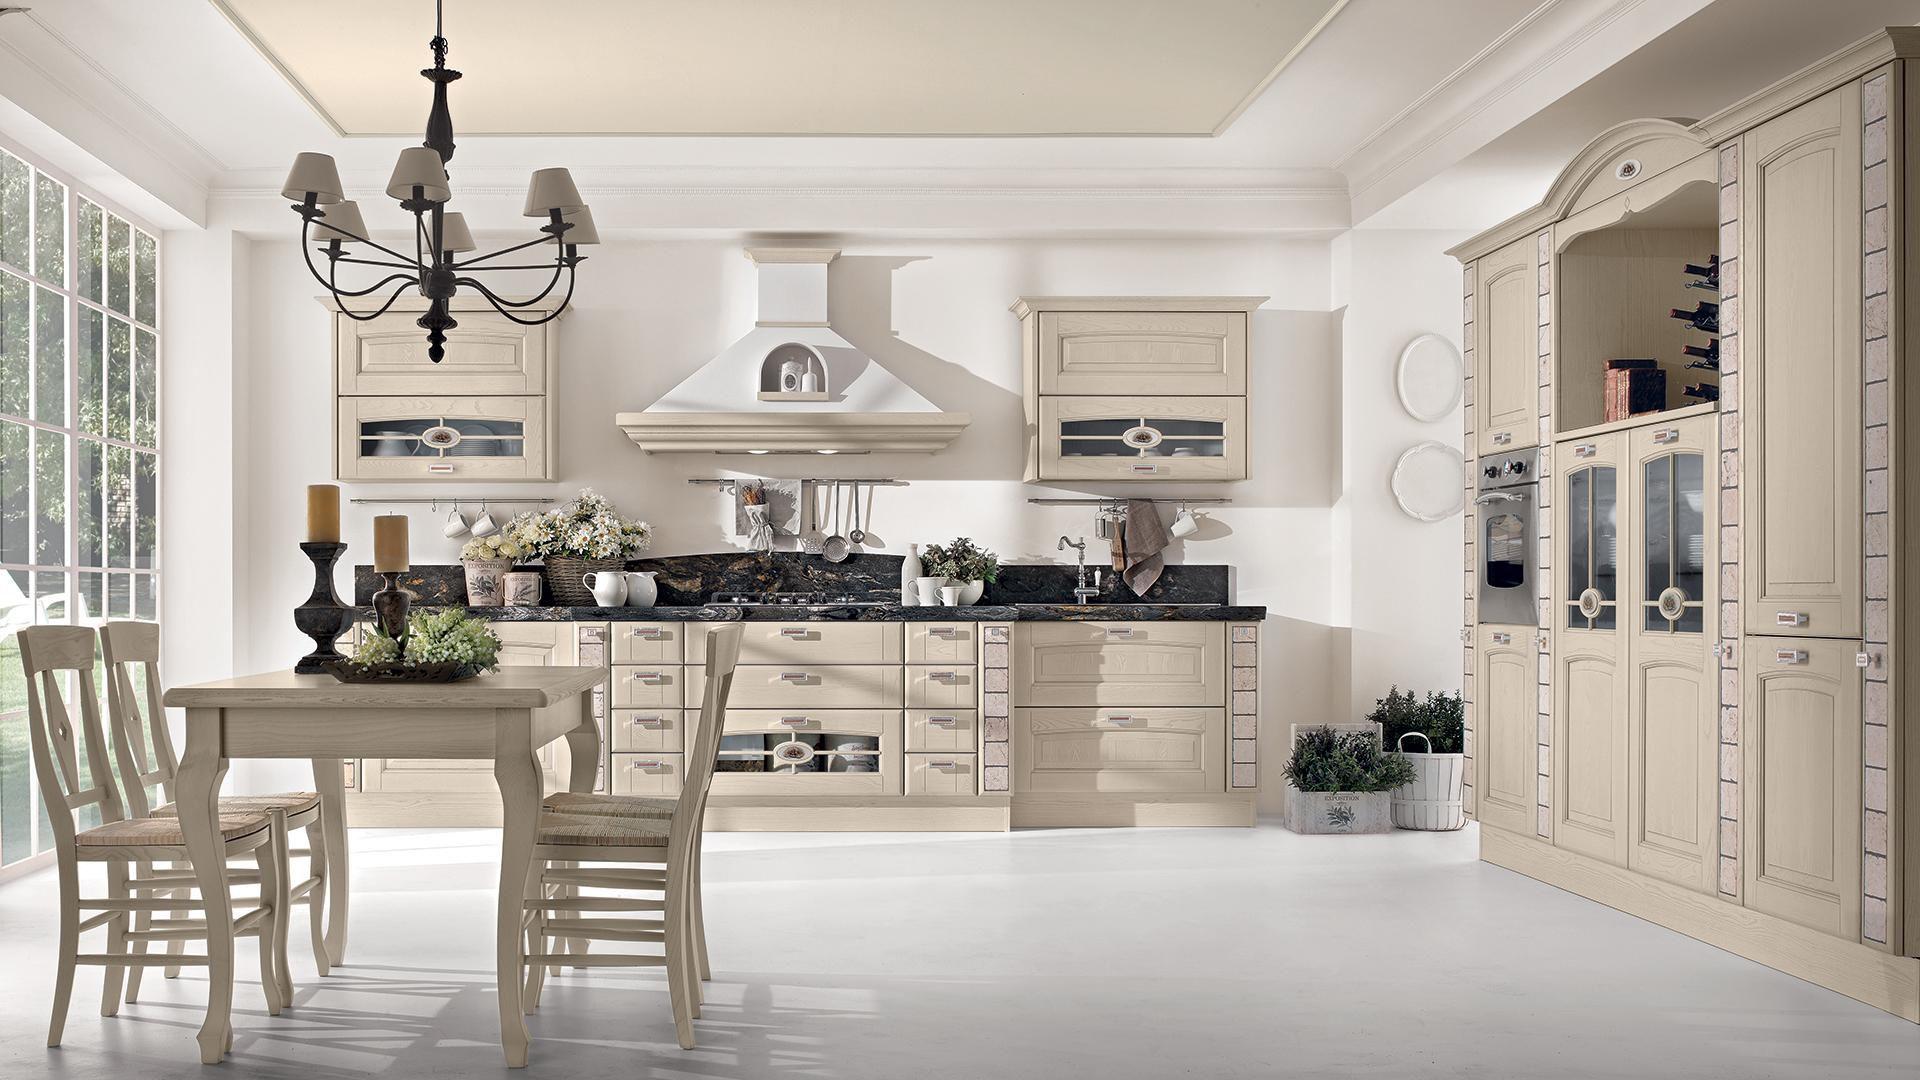 Klassische Küche / Holz / mit Griffen VERONICA CUCINE LUBE